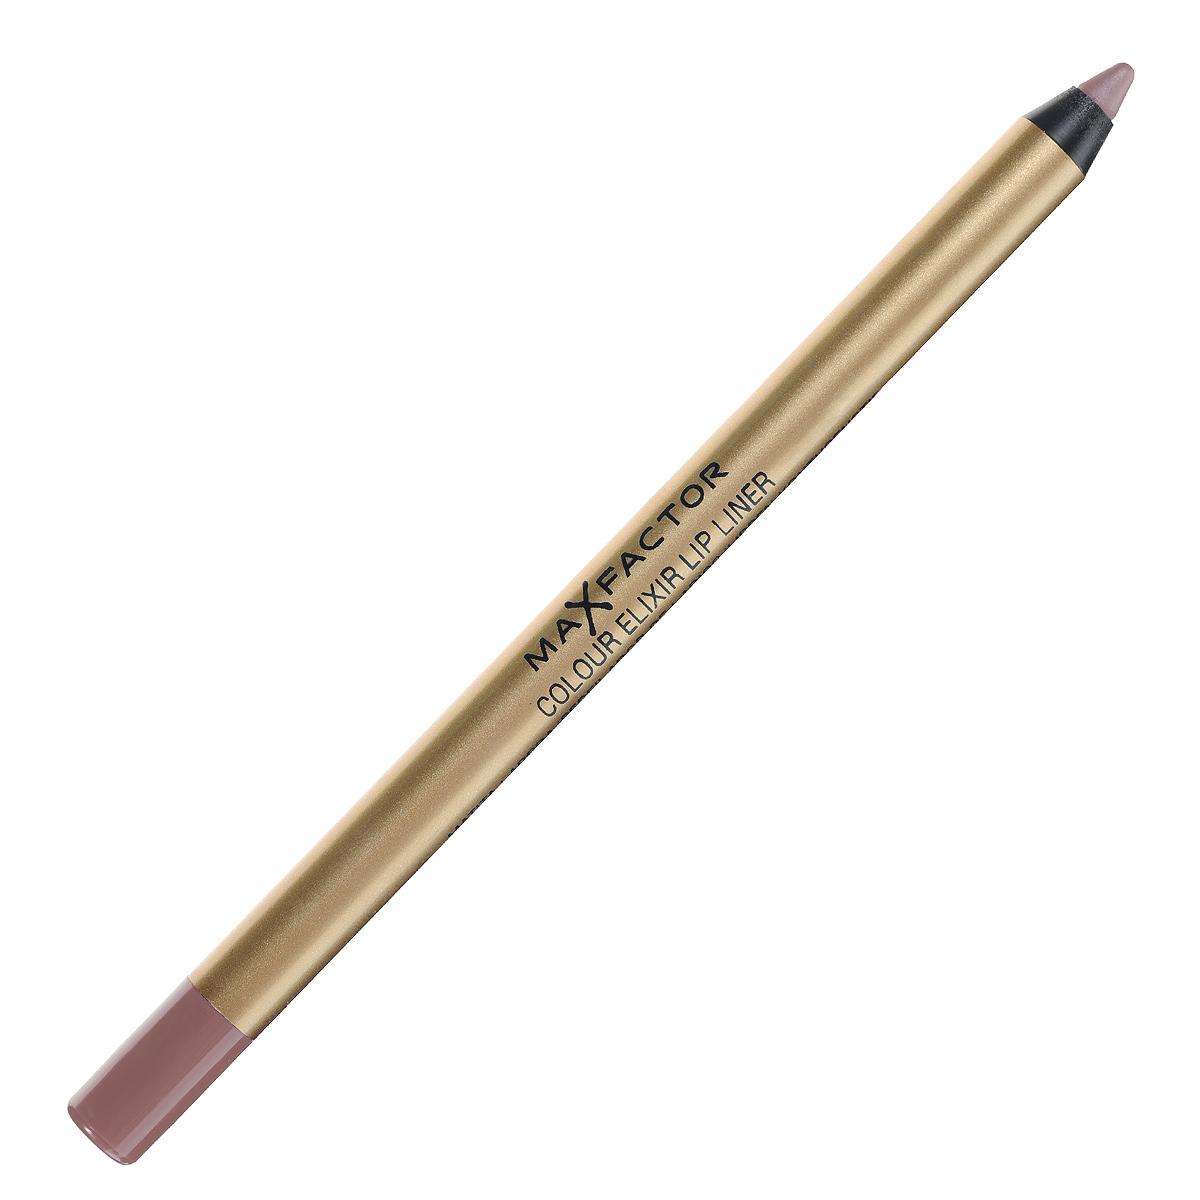 Max Factor Карандаш для губ Colour Elixir Lip Liner, тон №02 pink petal, цвет: светло-розовый81440178Секрет эффектного макияжа губ - правильный карандаш. Он мягко касается губ и рисует точную линию, подчеркивая контур и одновременно ухаживая за губами. Карандаш для губ Colour Elixir подчеркивает твои губы, придавая им форму. - Роскошный цвет и увлажнение для мягких и гладких губ. - Оттенки подходят к палитре помады Colour Elixir. - Легко наносится.1. Выбирай карандаш на один тон темнее твоей помады 2. Наточи карандаш и смягчи кончик салфеткой 3. Подведи губы в уголках, дугу Купидона и середину нижней губы, затем соедини линии 4. Нанеси несколько легких штрихов на губы, чтобы помада держалась дольше.